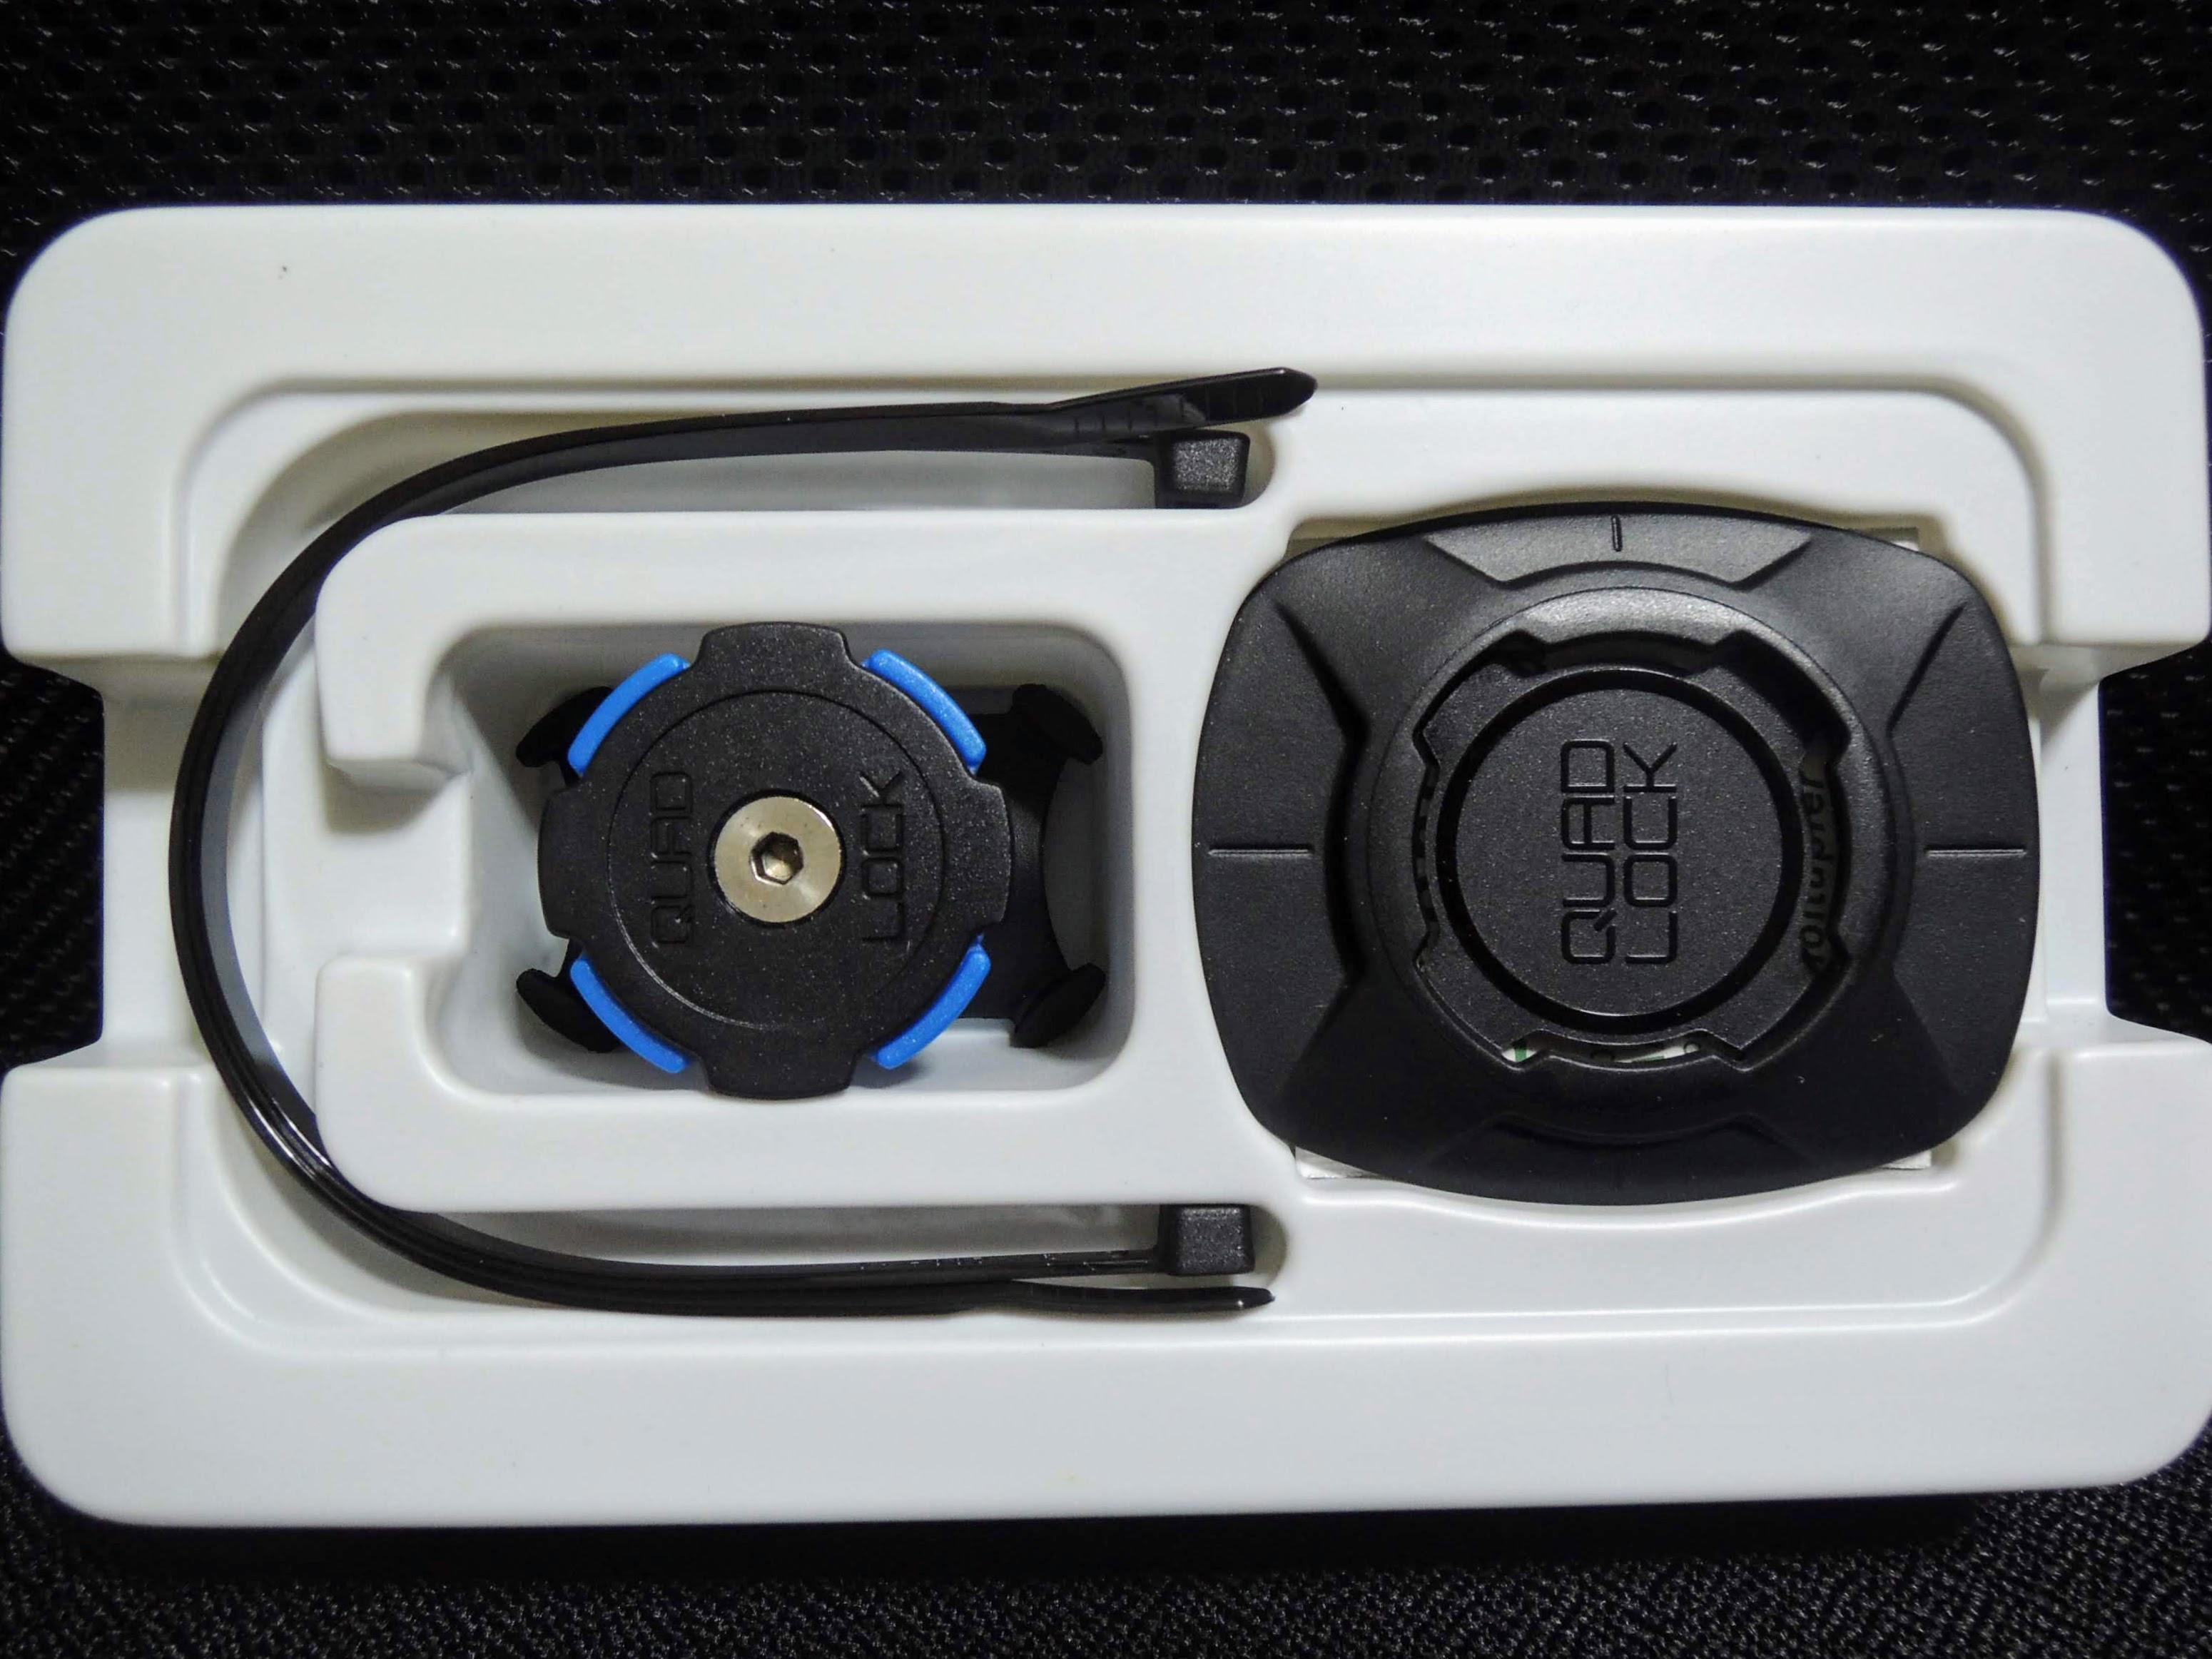 b3096afa03 ロードバイクにスマホ用マウント QUAD LOCKを導入 | メダカとロードバイク